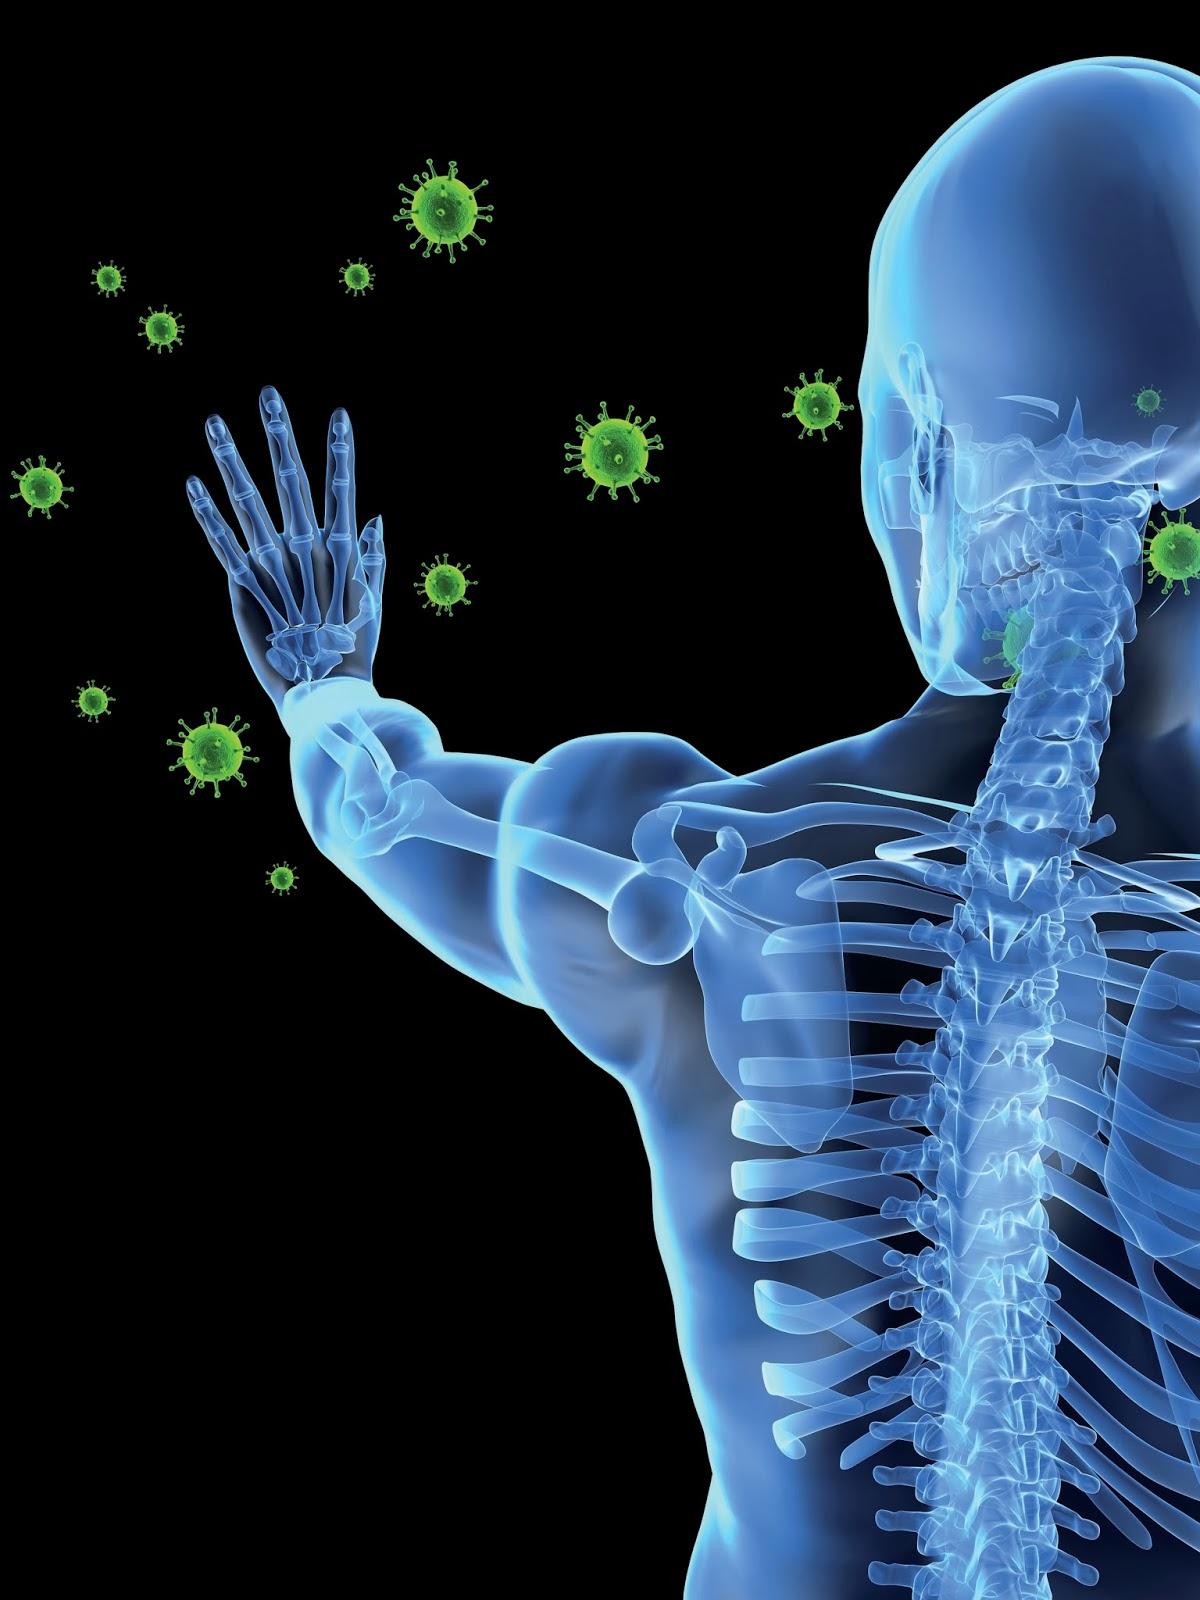 Sistema immunitario forgiato dall'ambiente